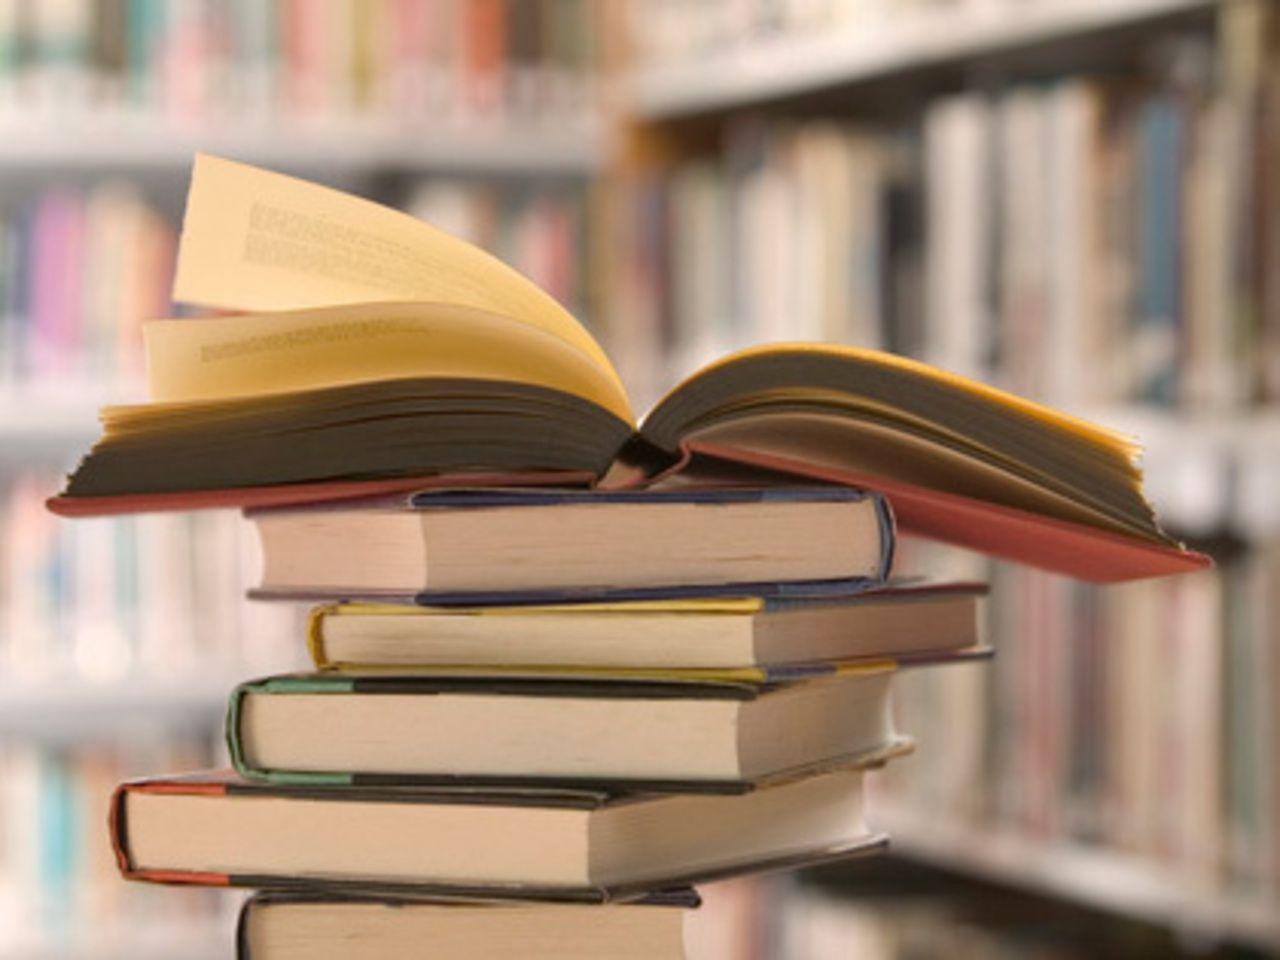 Самые дорогие учебники - в Астане и Актобе- Kapital.kz